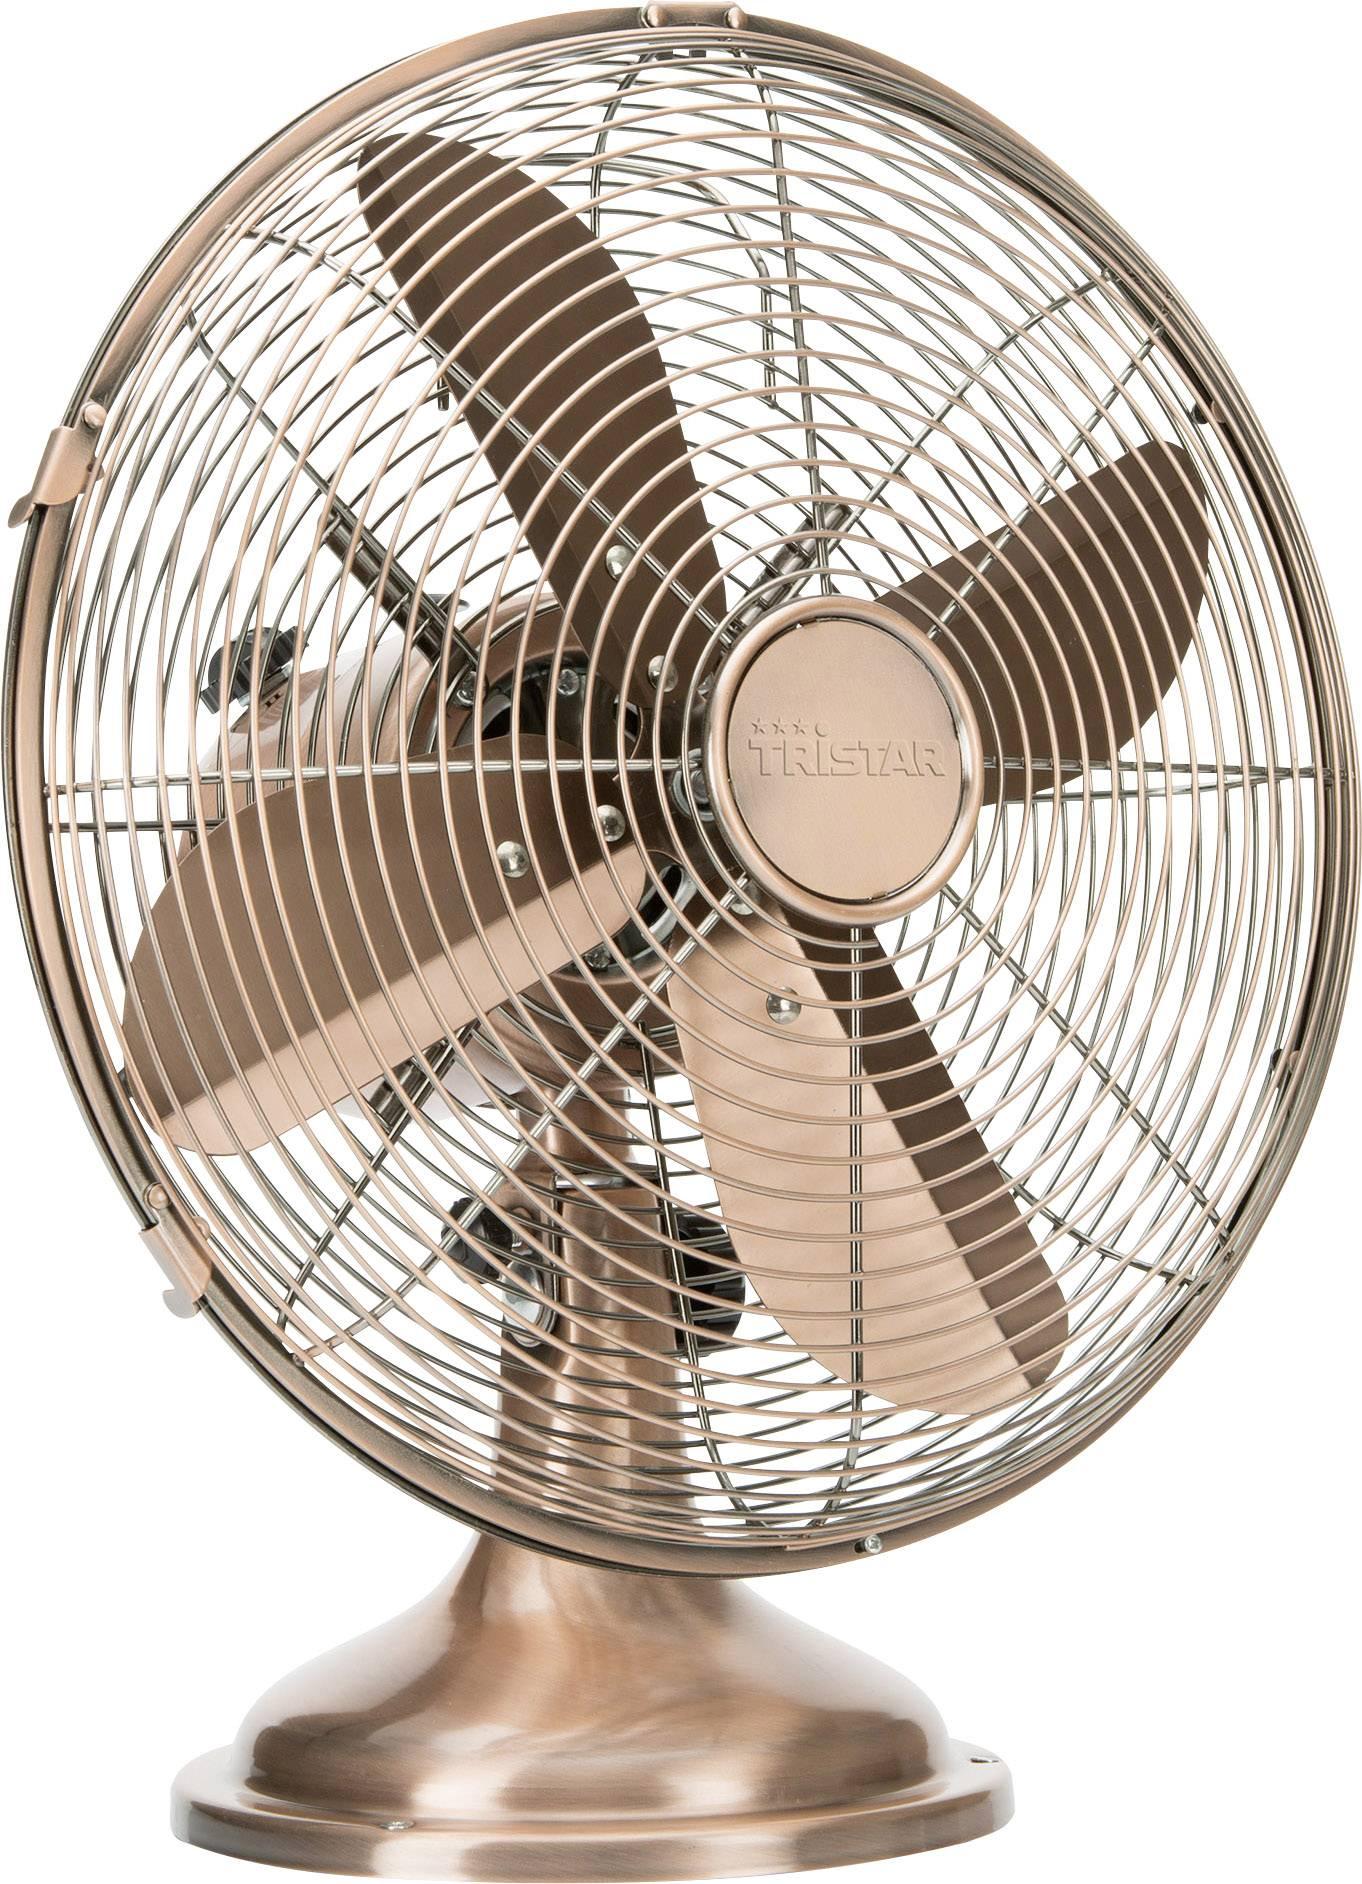 Stolní ventilátor Tristar VE-5970, 35 W, (Ø x v) 30 cm x 48 cm, měděná